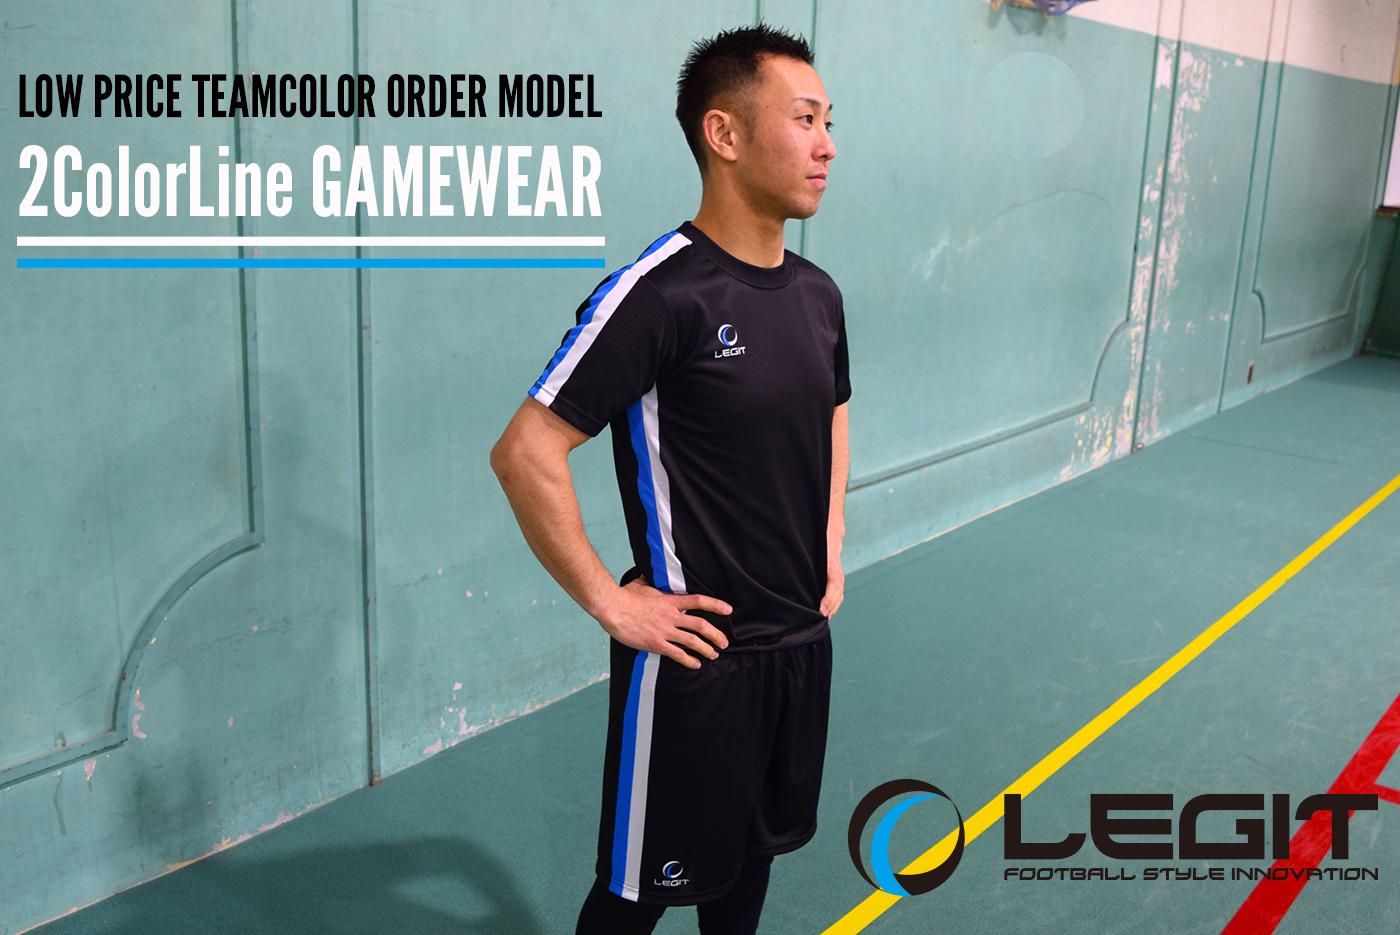 LEGIT/レジット 定番2カラーラインゲームシャツ LG-R71